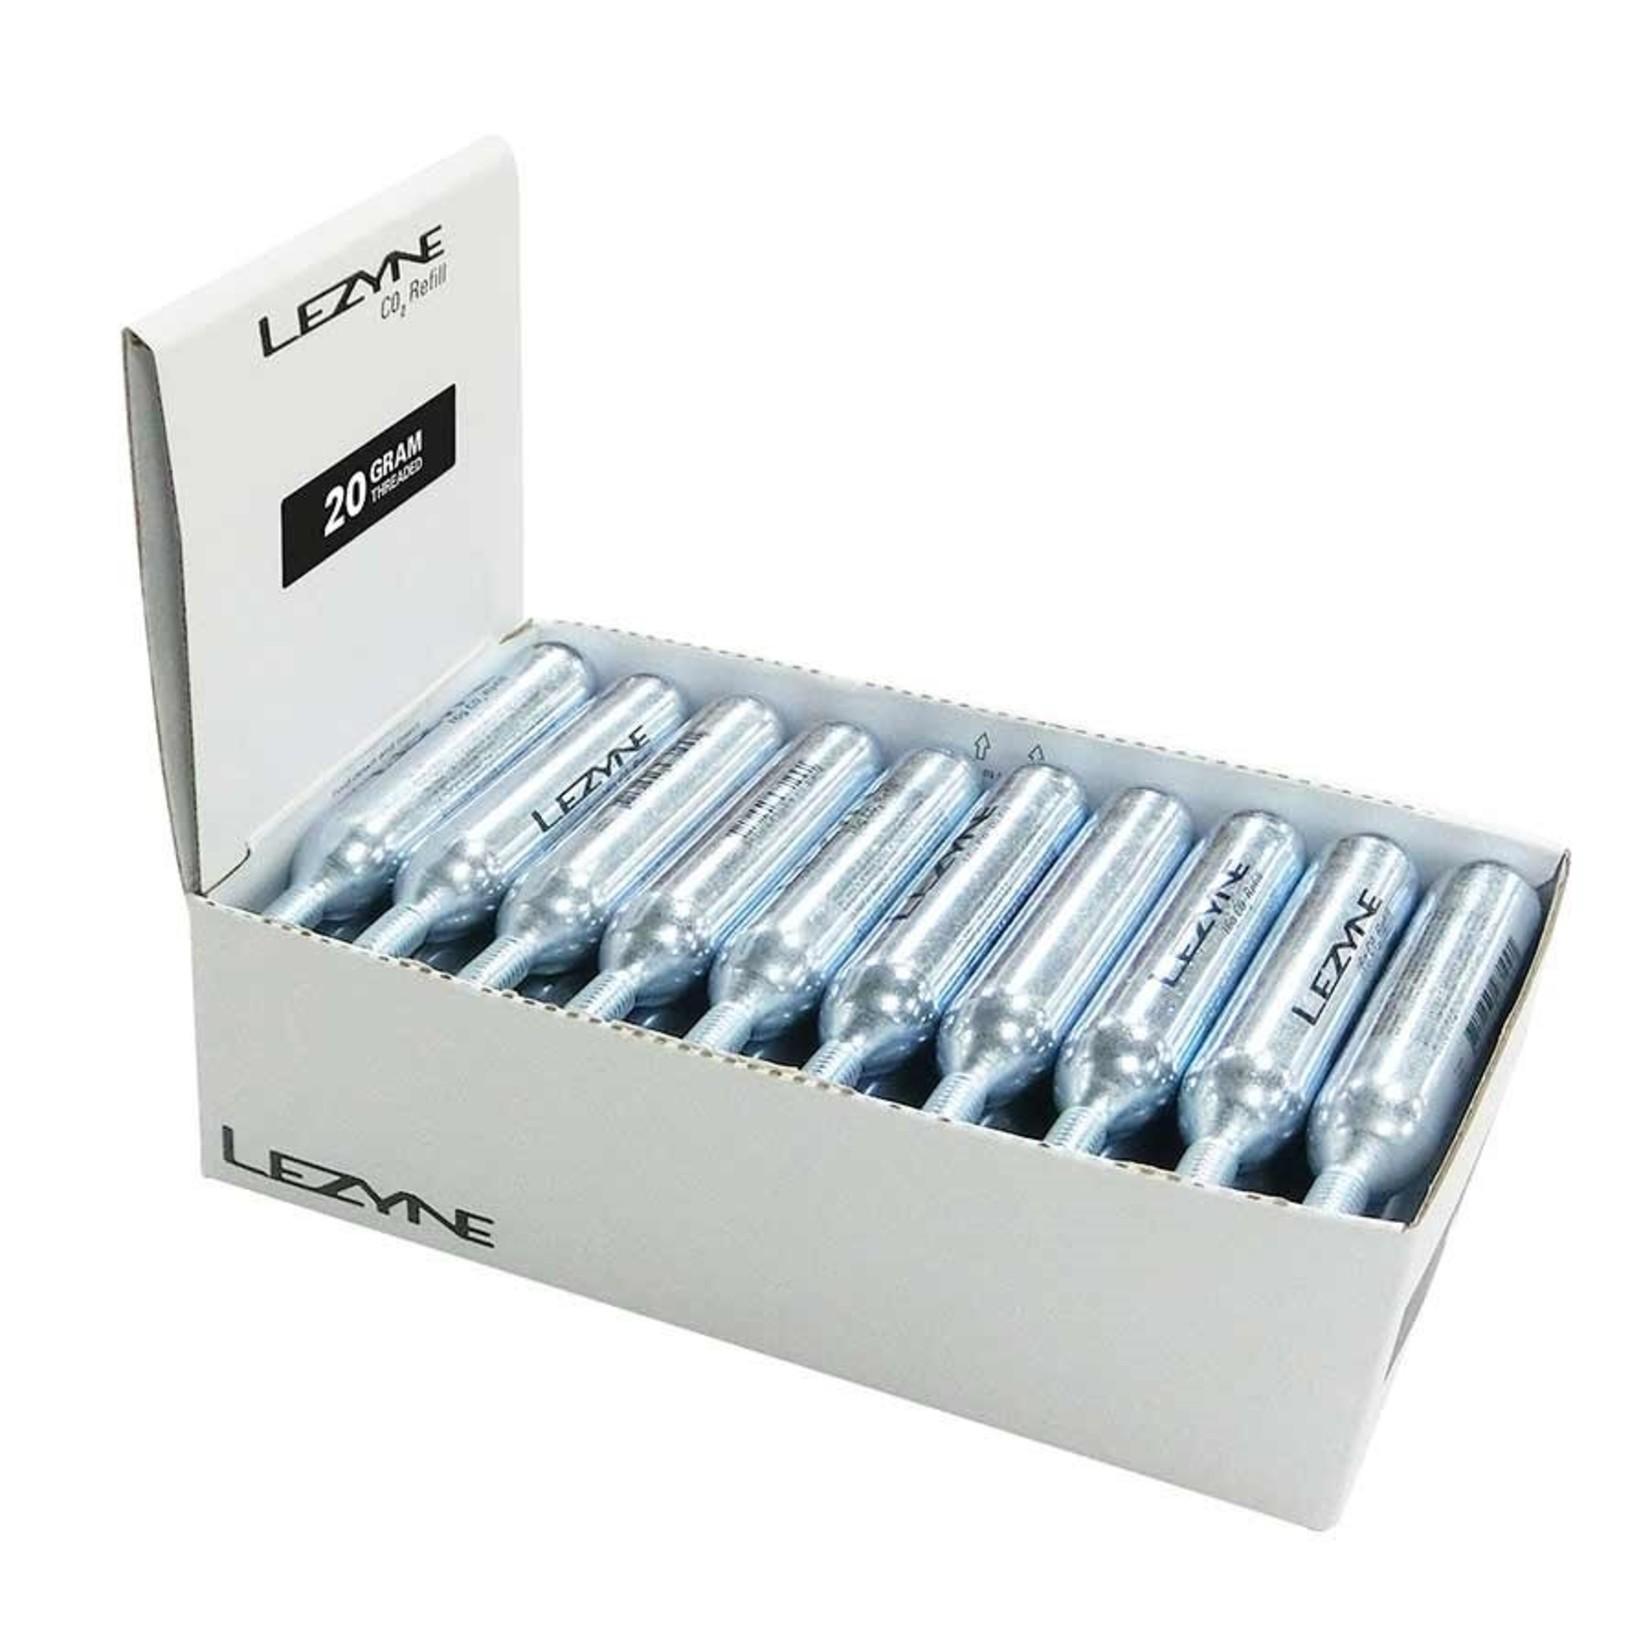 Lezyne CO2 Threaded Refill Cartridge 20g